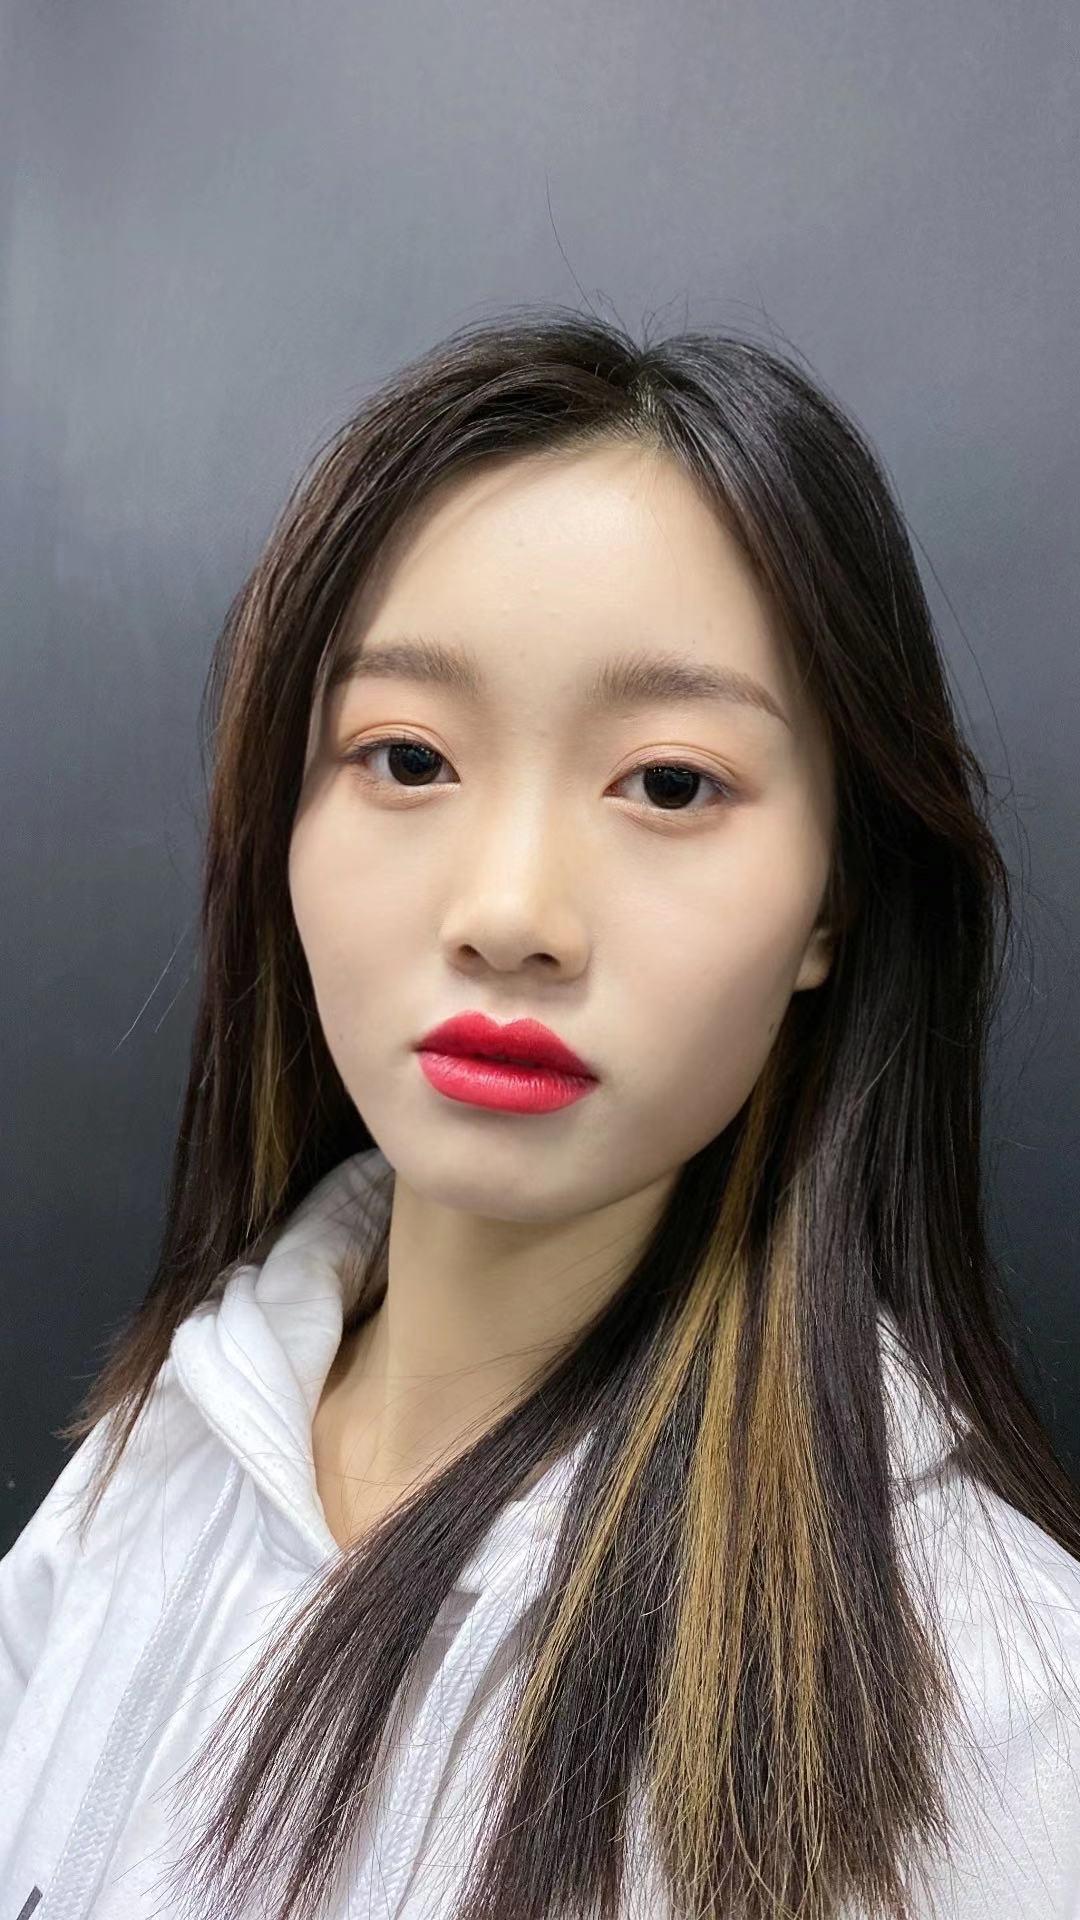 邯郸最好的化妆学校,听了安诺化妆老师的课,使我一生受益